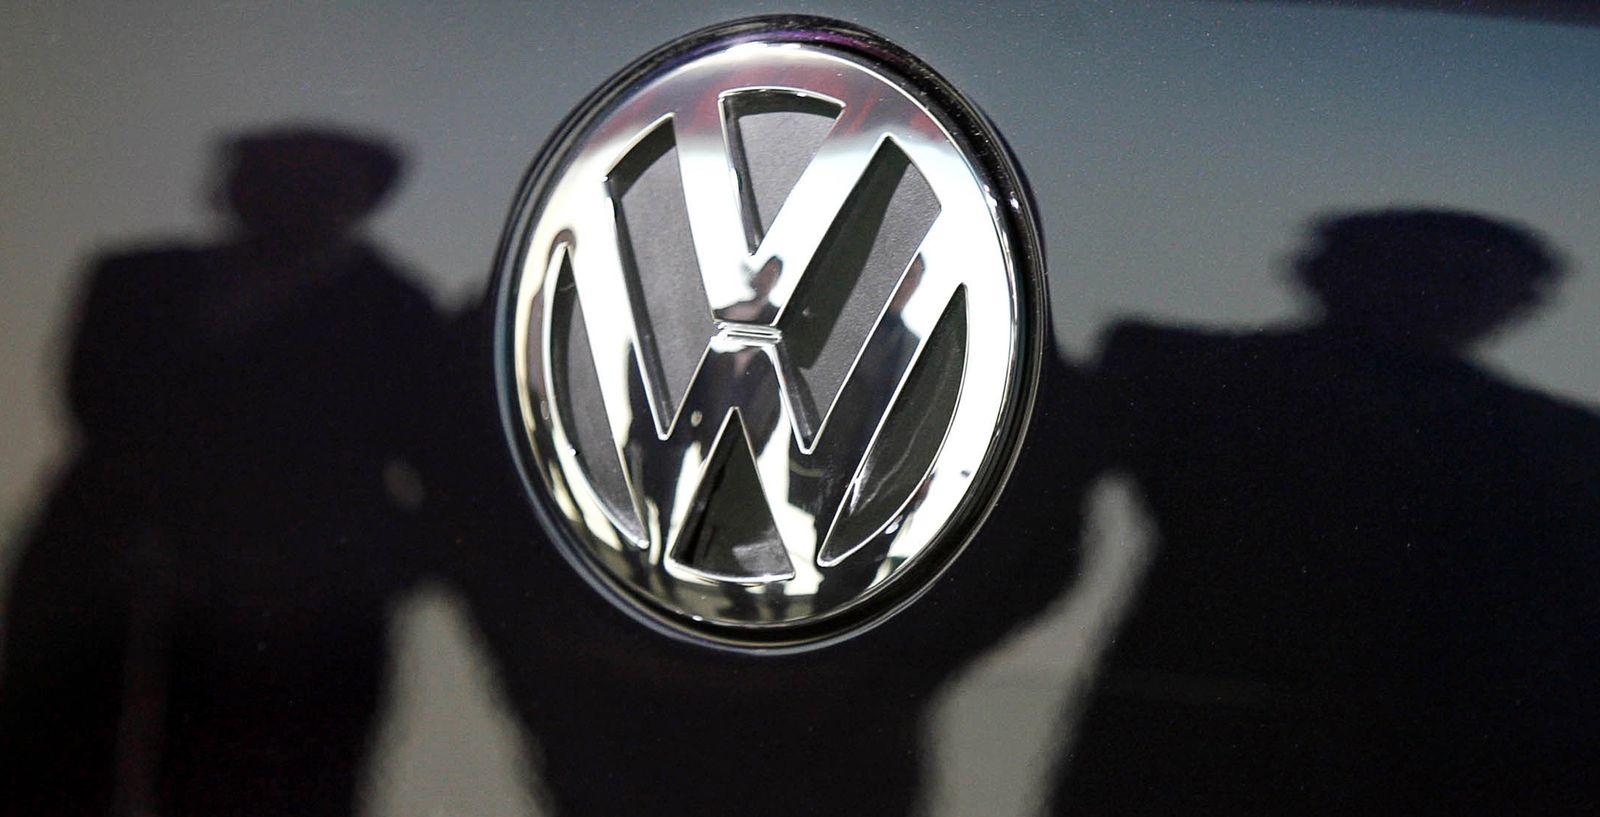 VW FAW